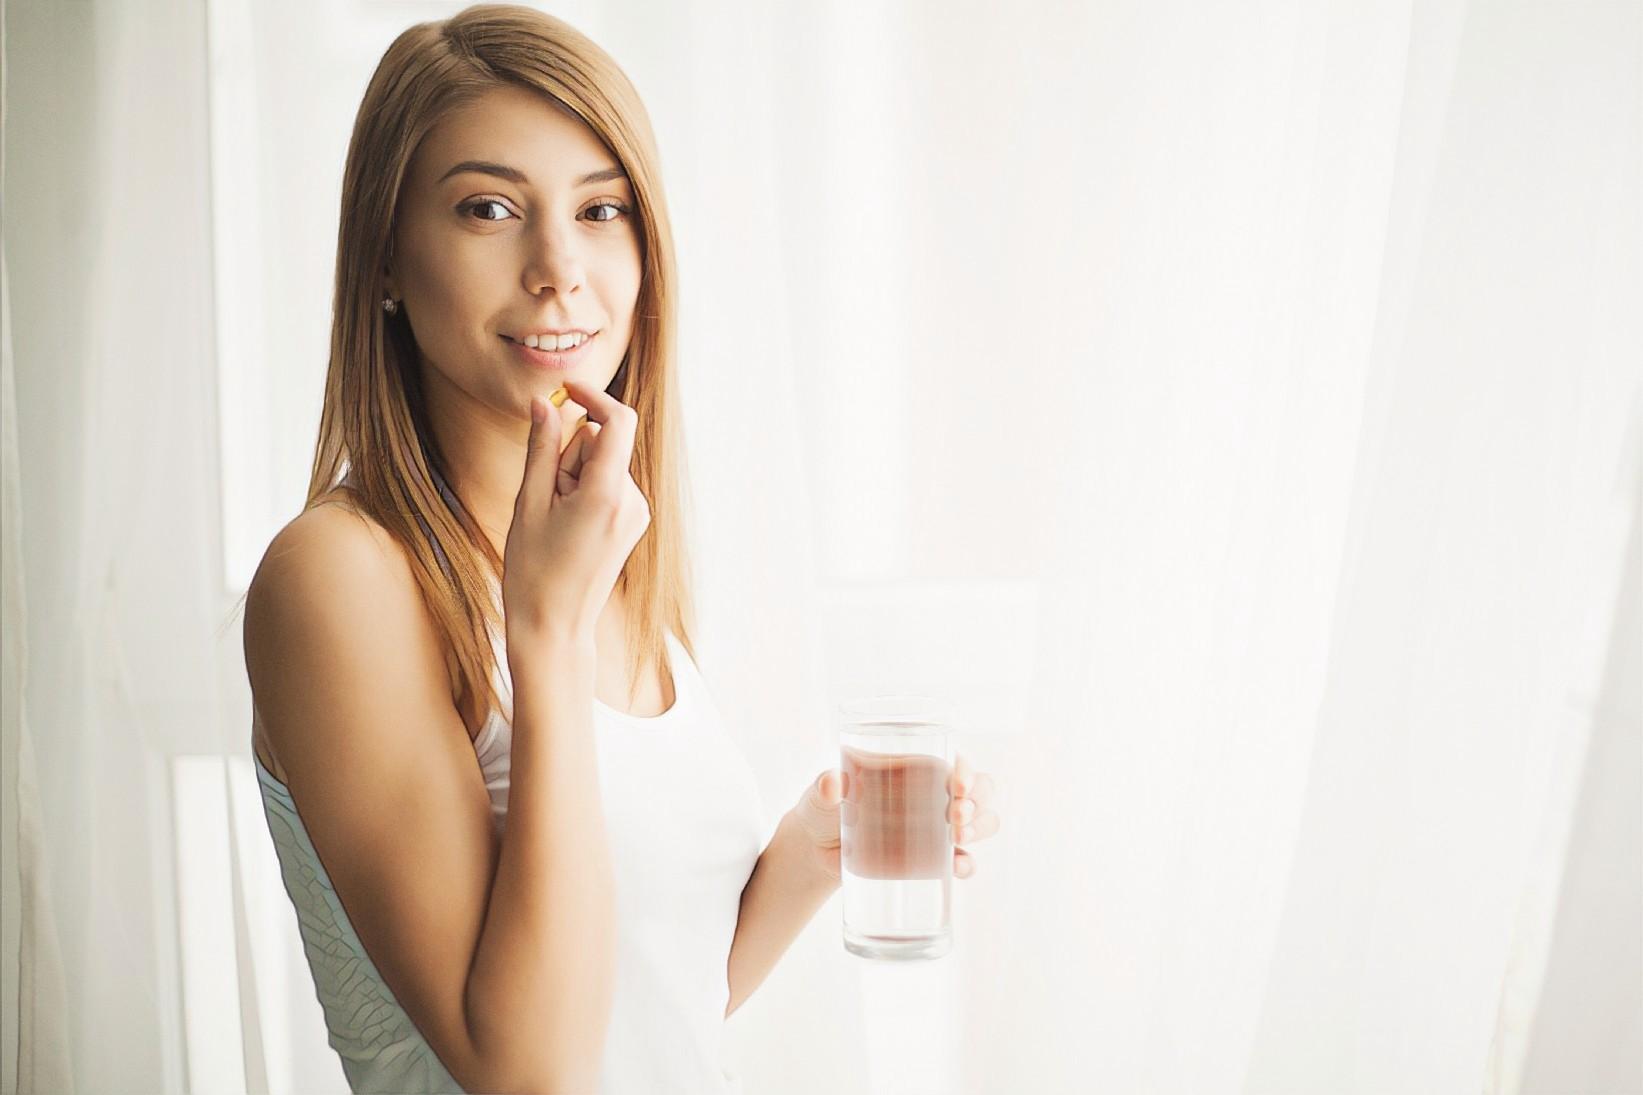 девушка принимает системные антибиотики, которые приводят к дисбактериозу